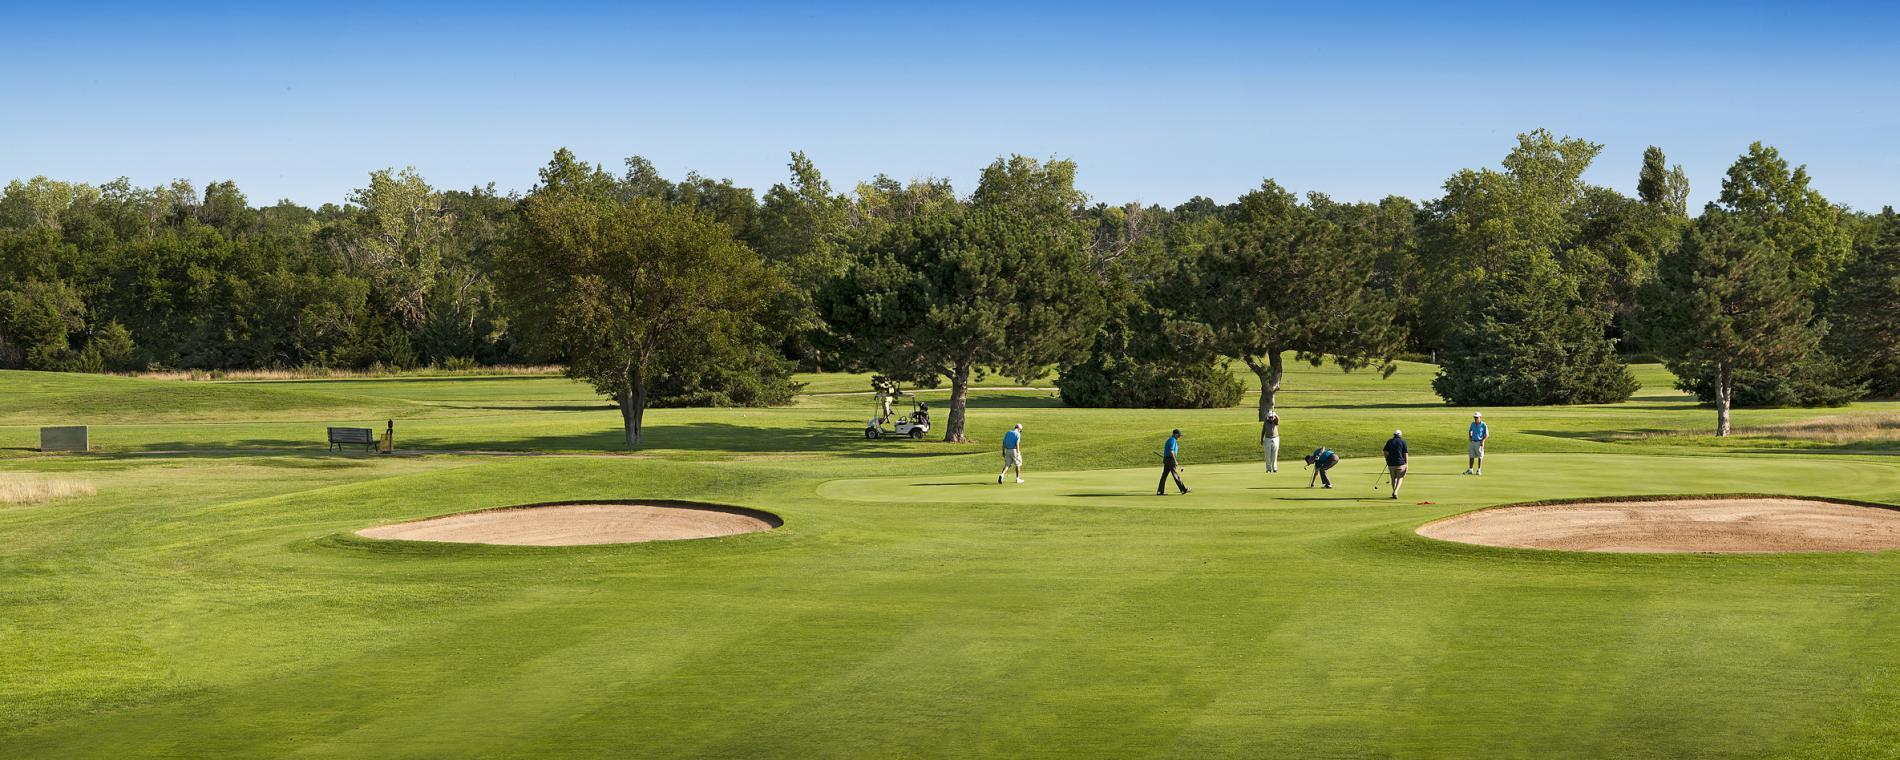 Tex Consolver Golf Course